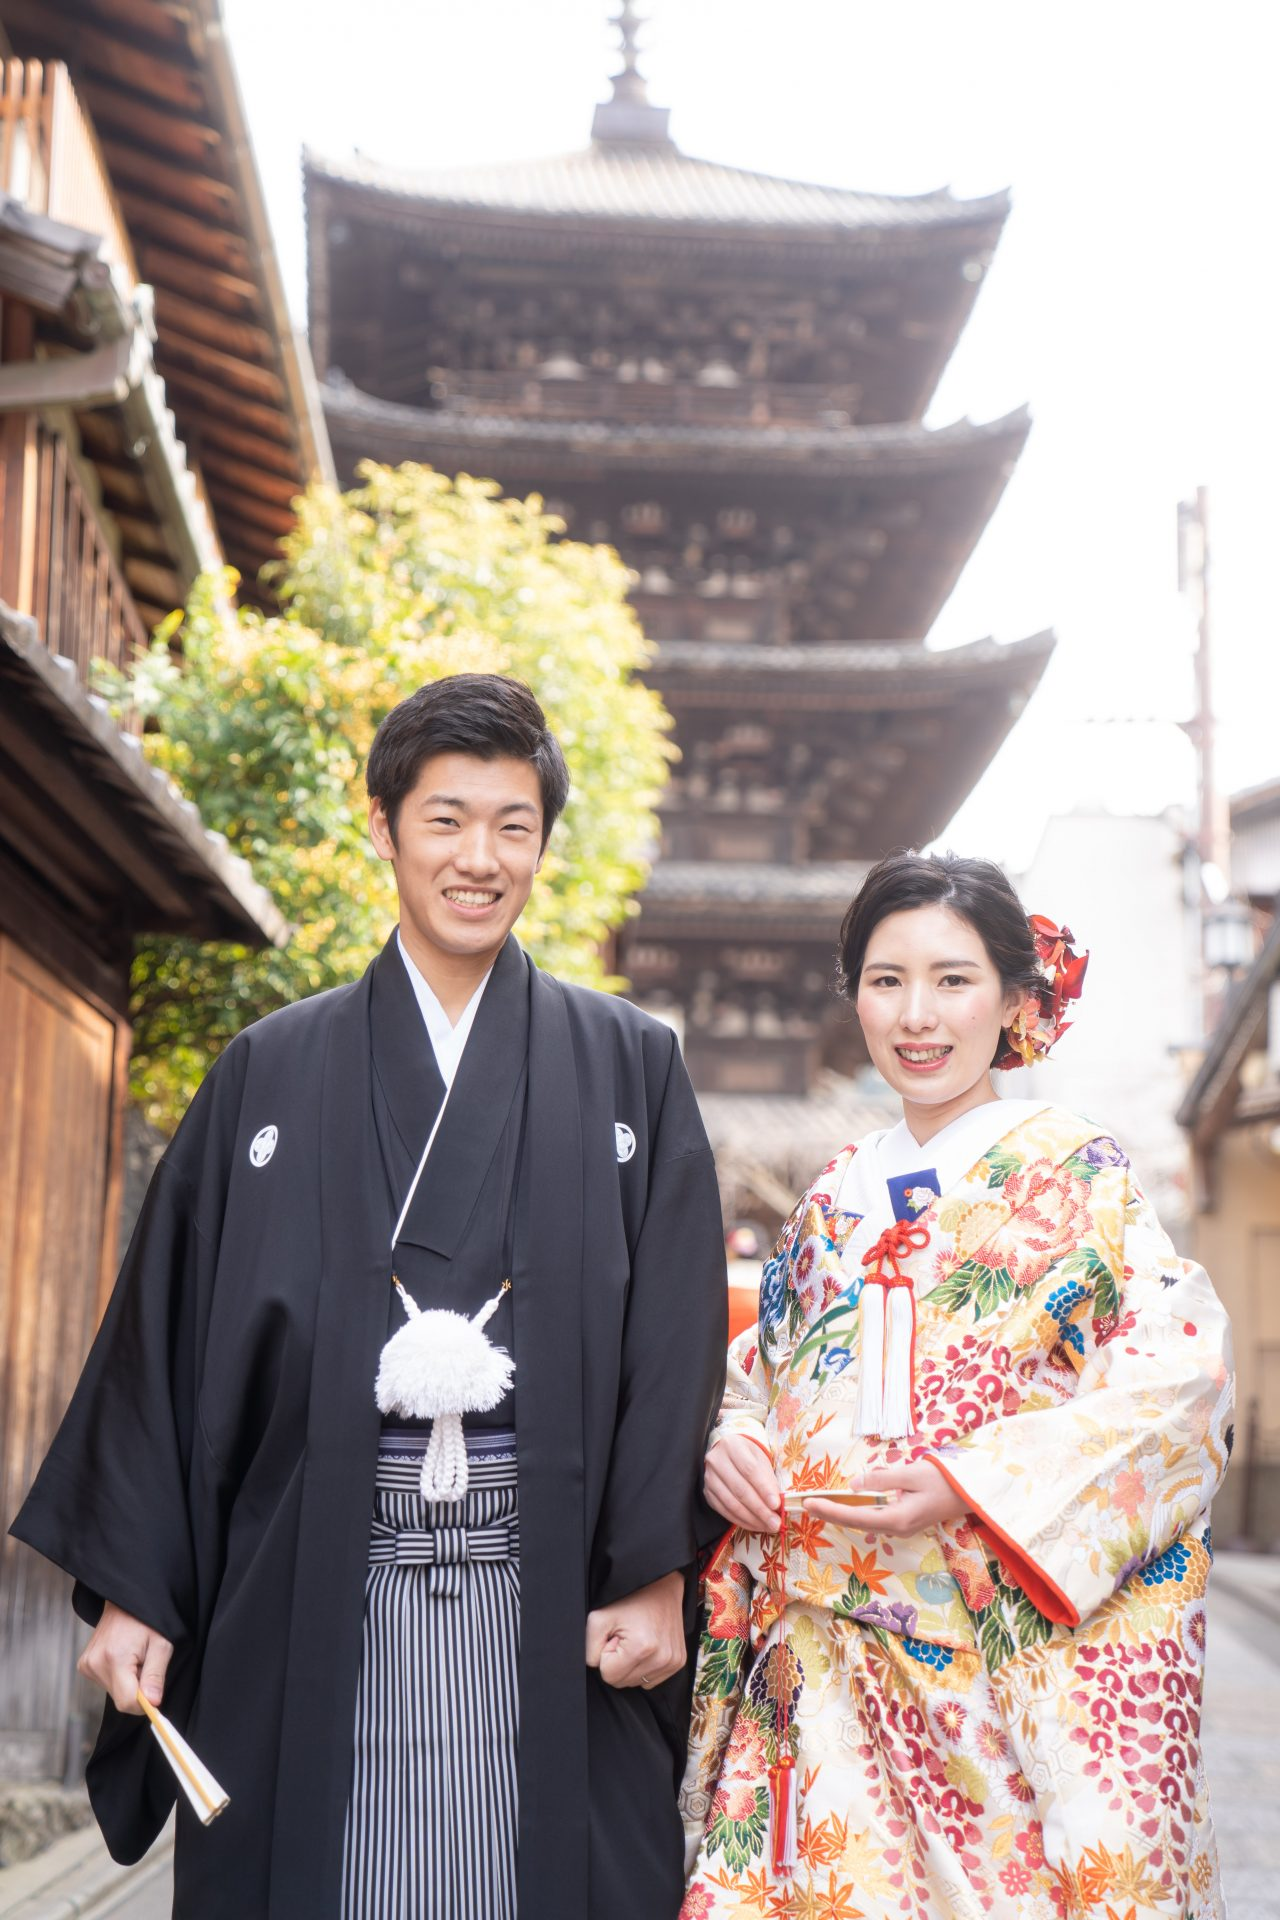 京都東山の八坂の塔の前で色打掛を着て撮影が出来るSODOHの前撮り